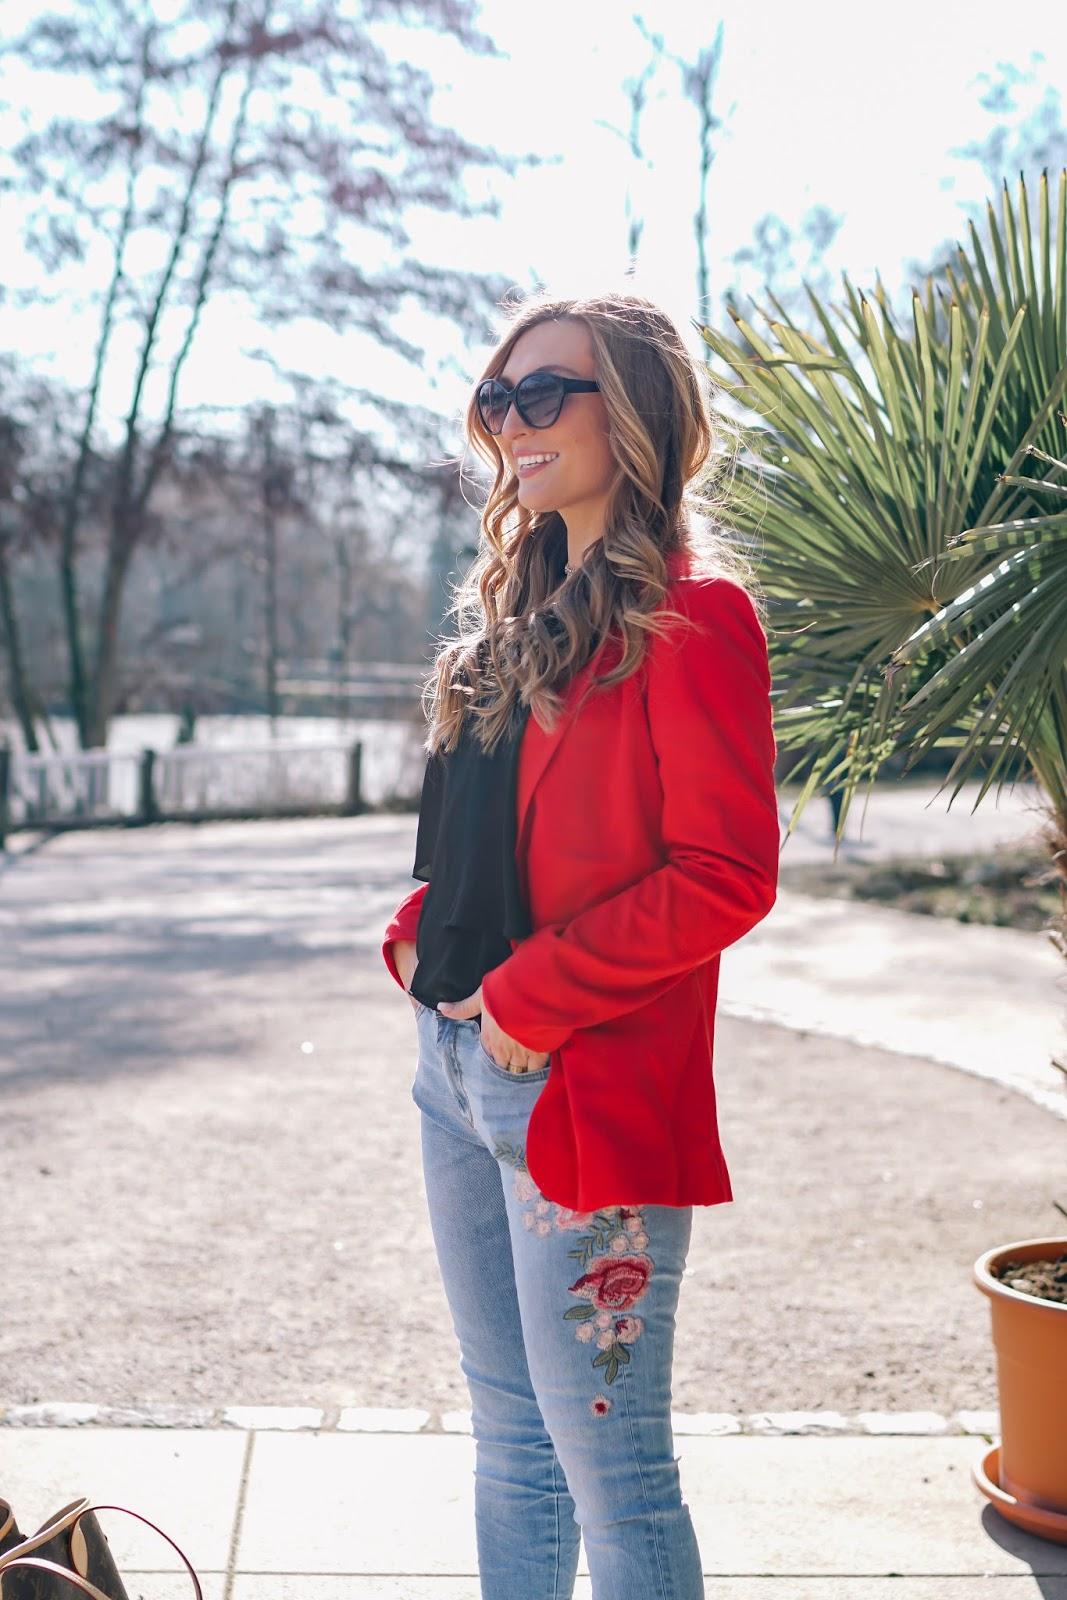 Wie-kombiniert-man-einen-roten-blazer-business-look-casual-friday-fashionblogger-fashionstylebyjohanna